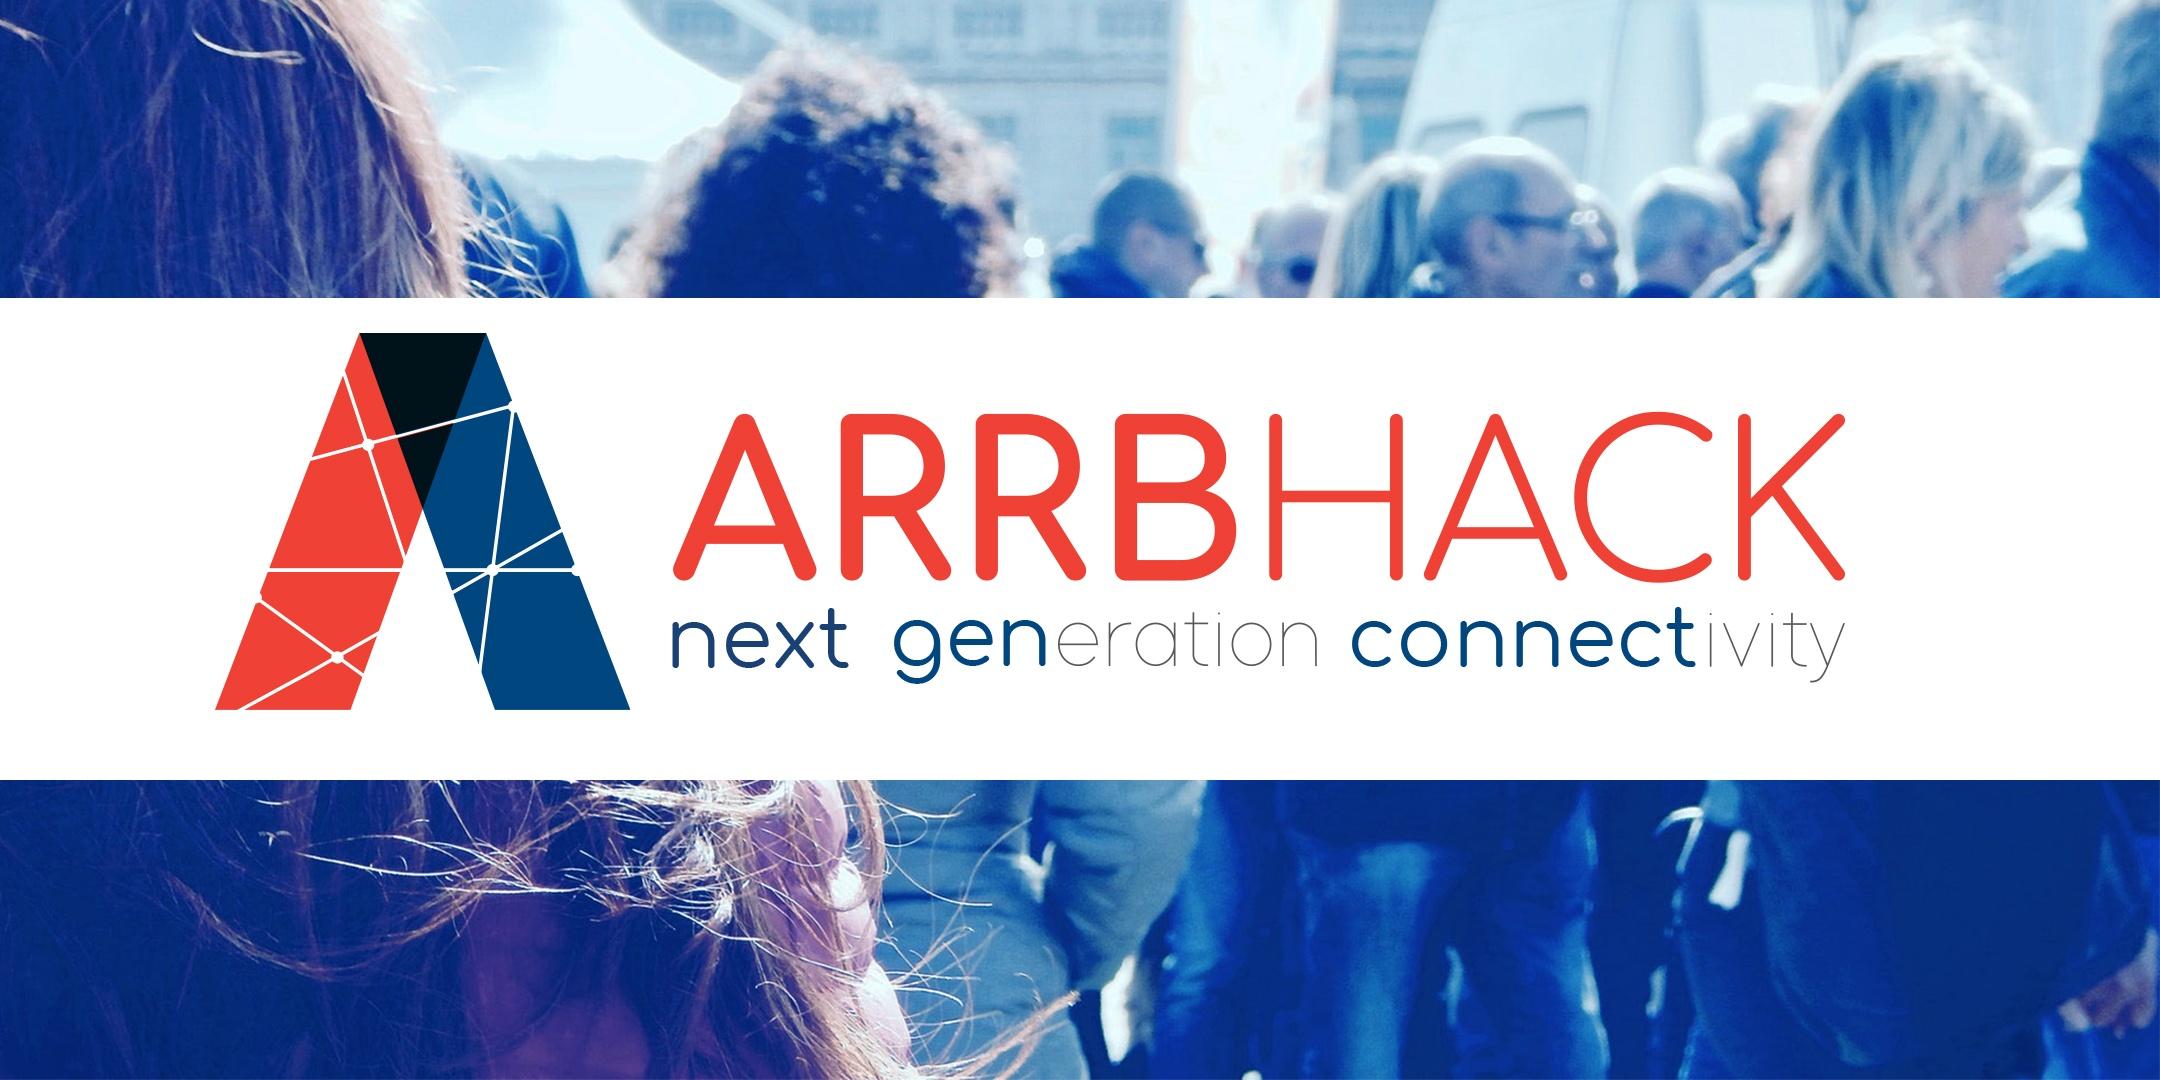 ARRBHACK event banner